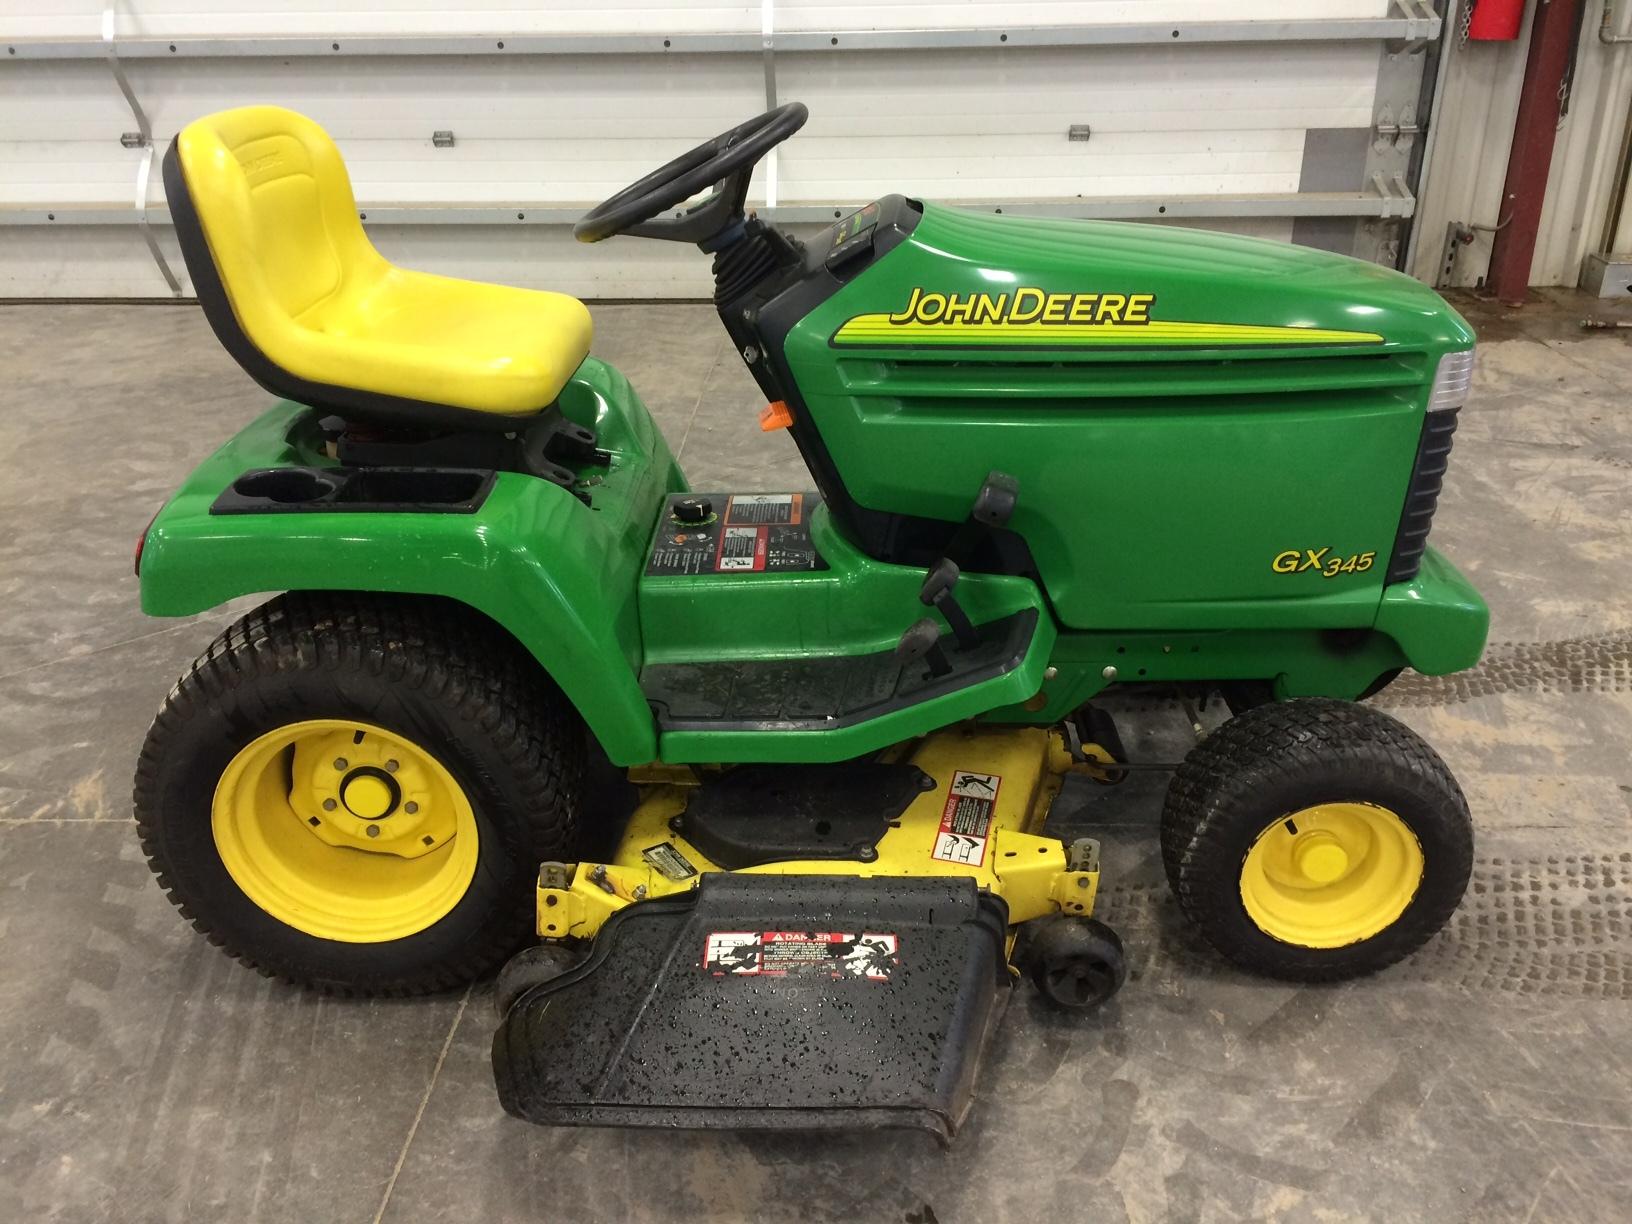 John Deere 316 Garden Tractor Wiring Diagram Doing Lt155 Harness Pdf Flywheel Elsalvadorla Radio